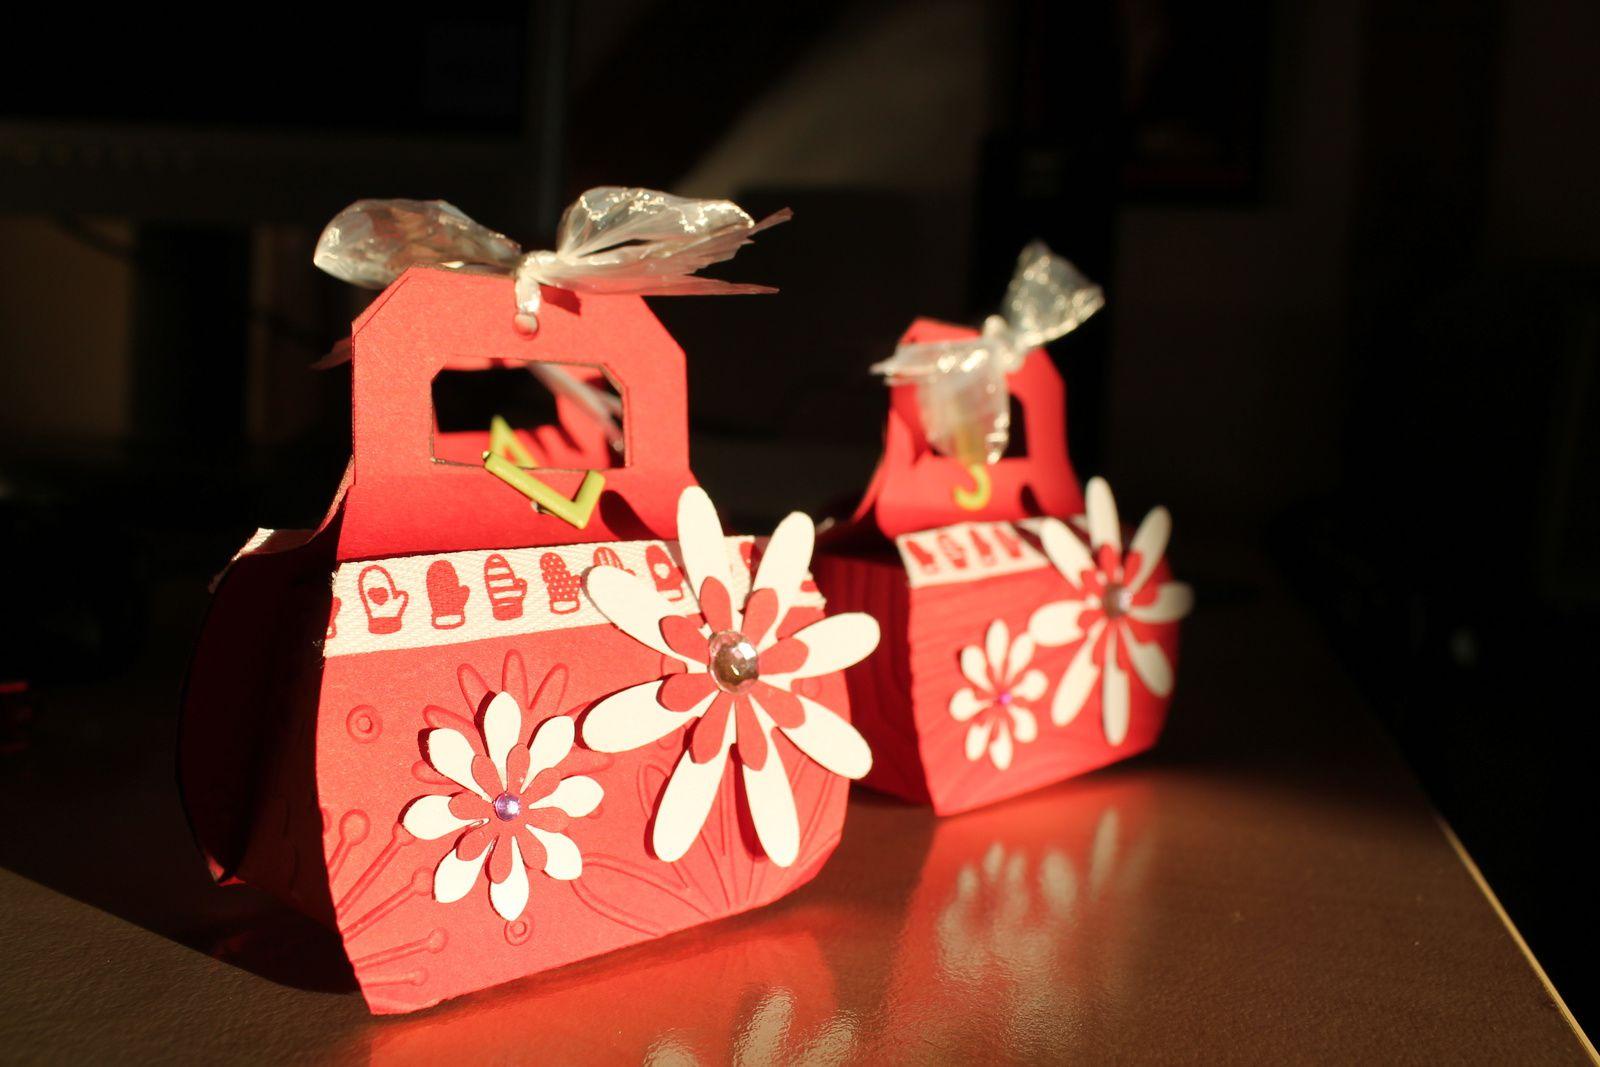 Je me suis inspirée d'un tuto vu sur les blogs, peut-être celui de Chantal, pour réaliser ces petites boites que j'ai offerte à Noël. J'y ai glissé une bague dedans pour mes nièces et belles filles. Très sympa à faire !!!! Bonne journée !!! bizzzz à tous et toutes qui passez par là